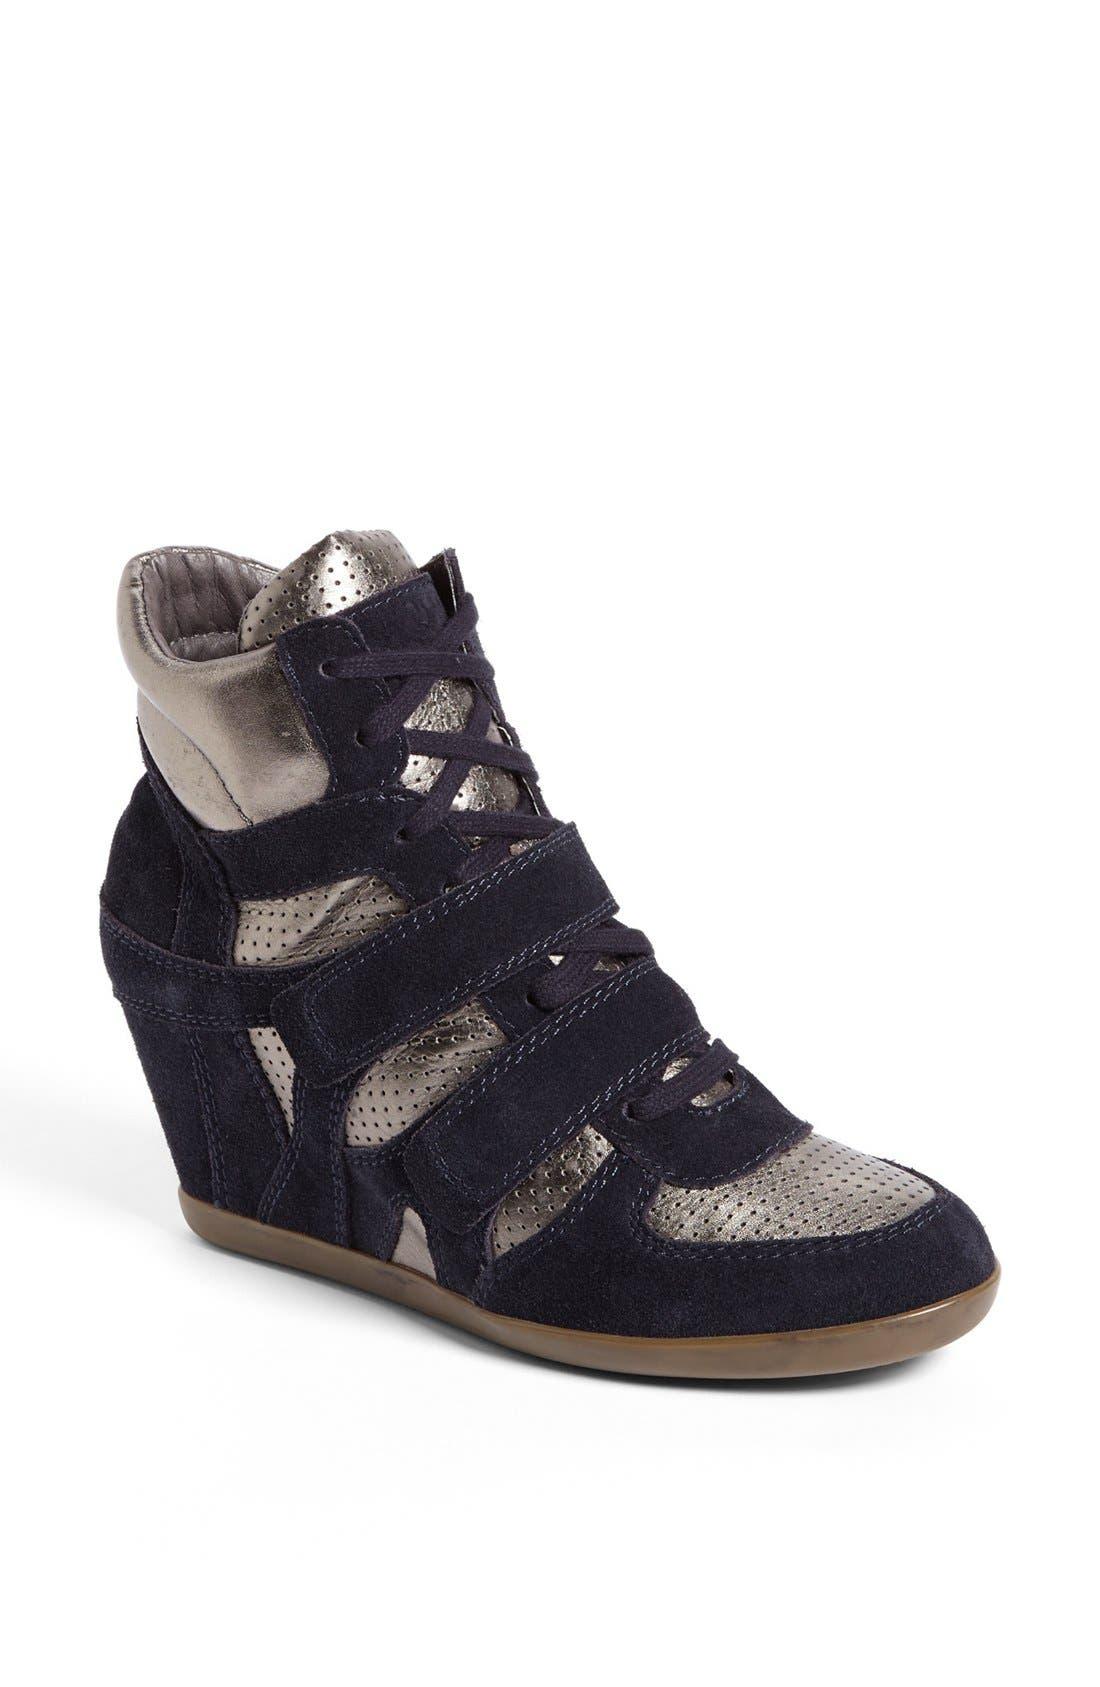 Main Image - Ash 'Bea' Sneaker